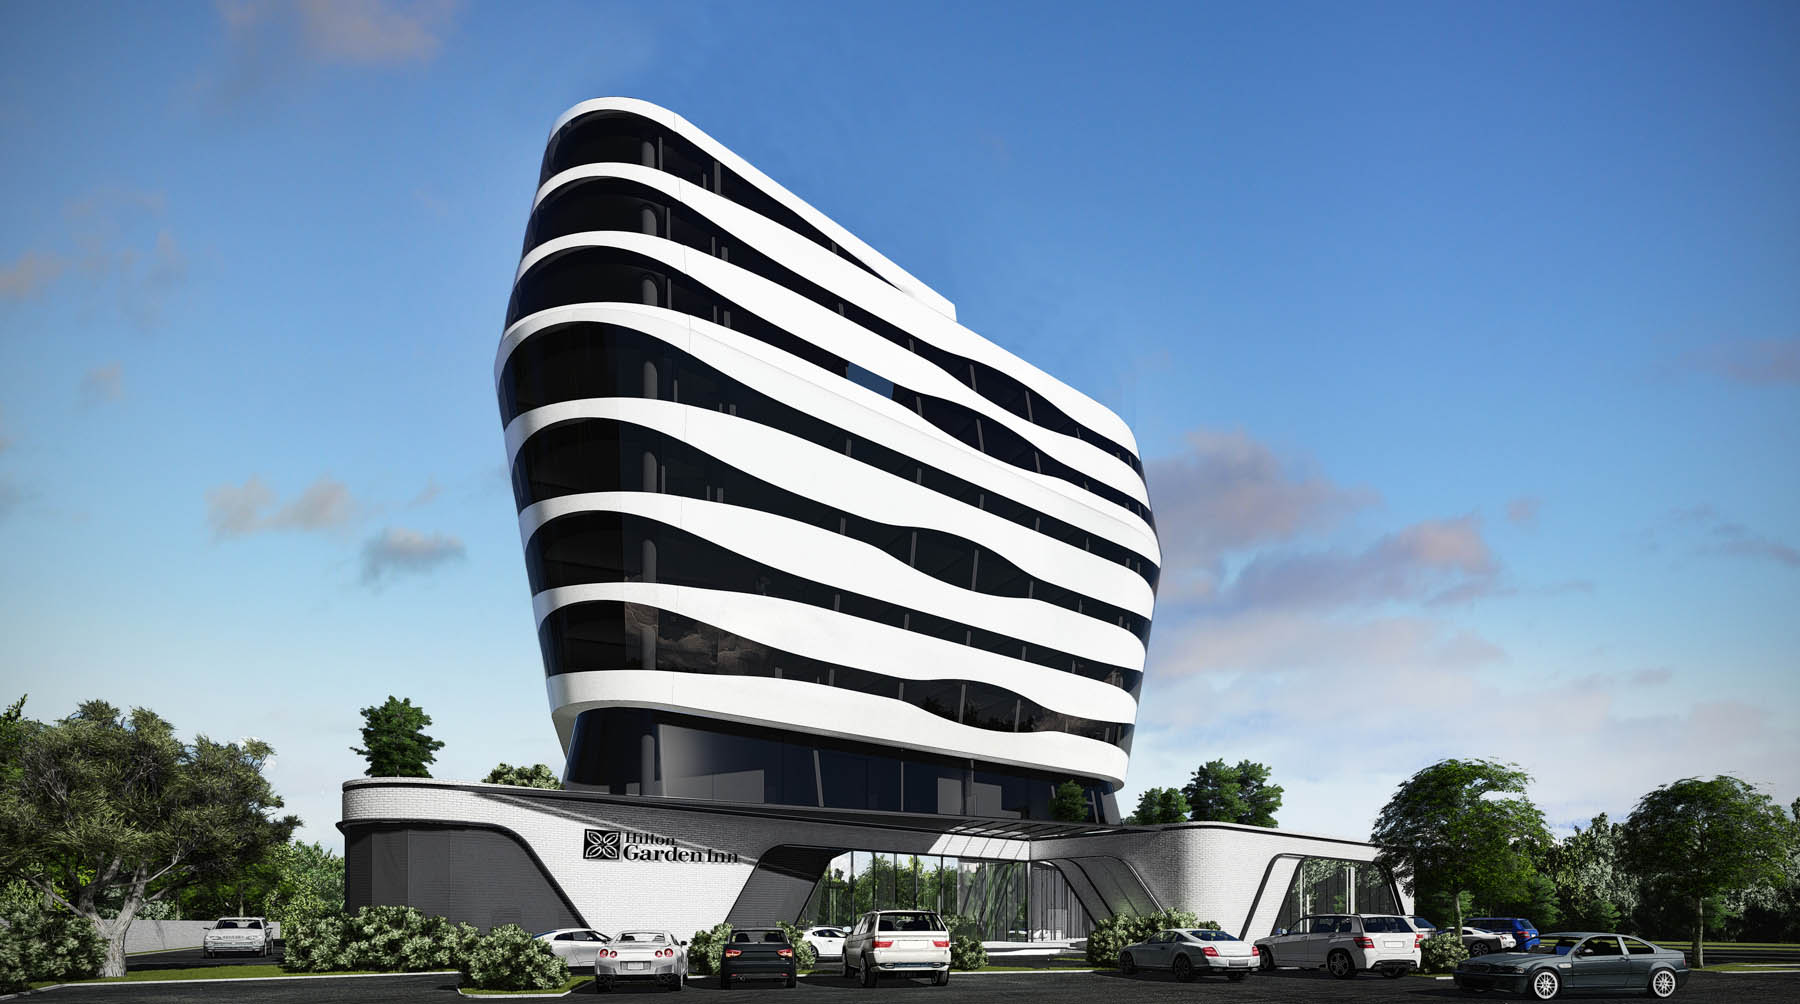 Футуристическое здание отеля (Courtesy of Hilton Garden Inn)